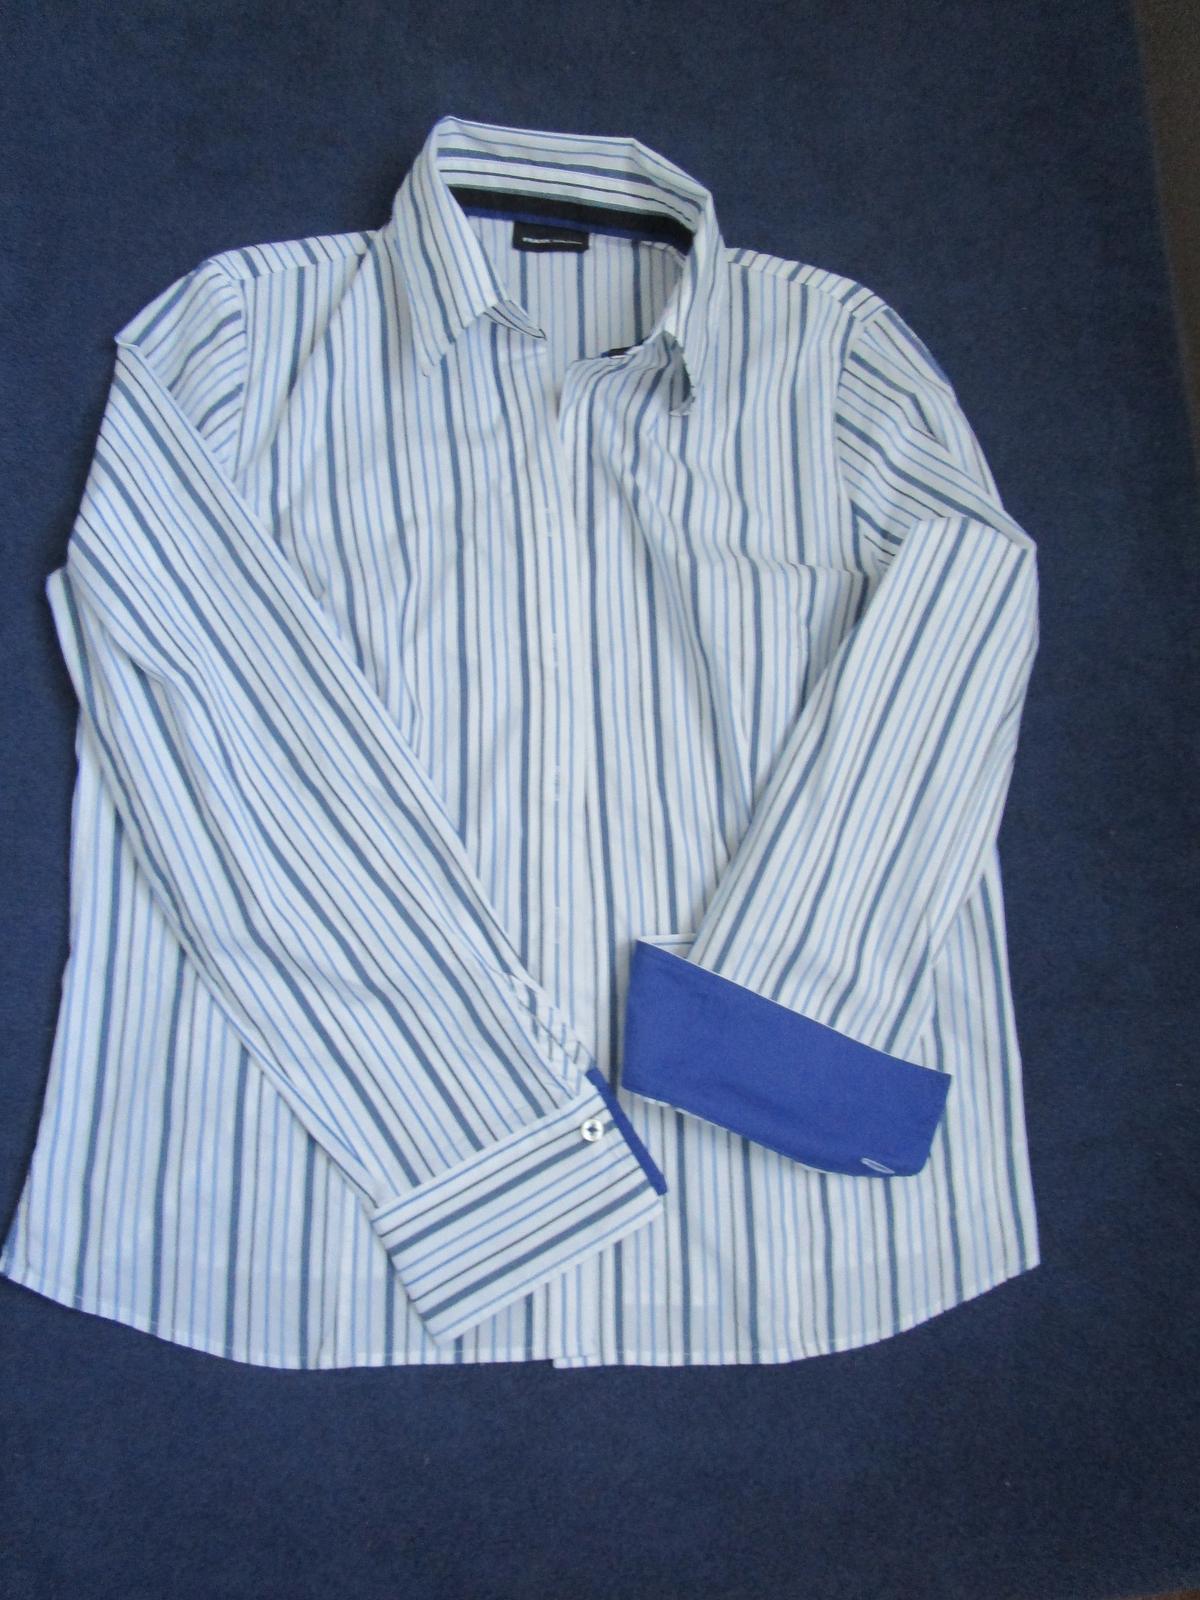 2407. Košeľa - Obrázok č. 2